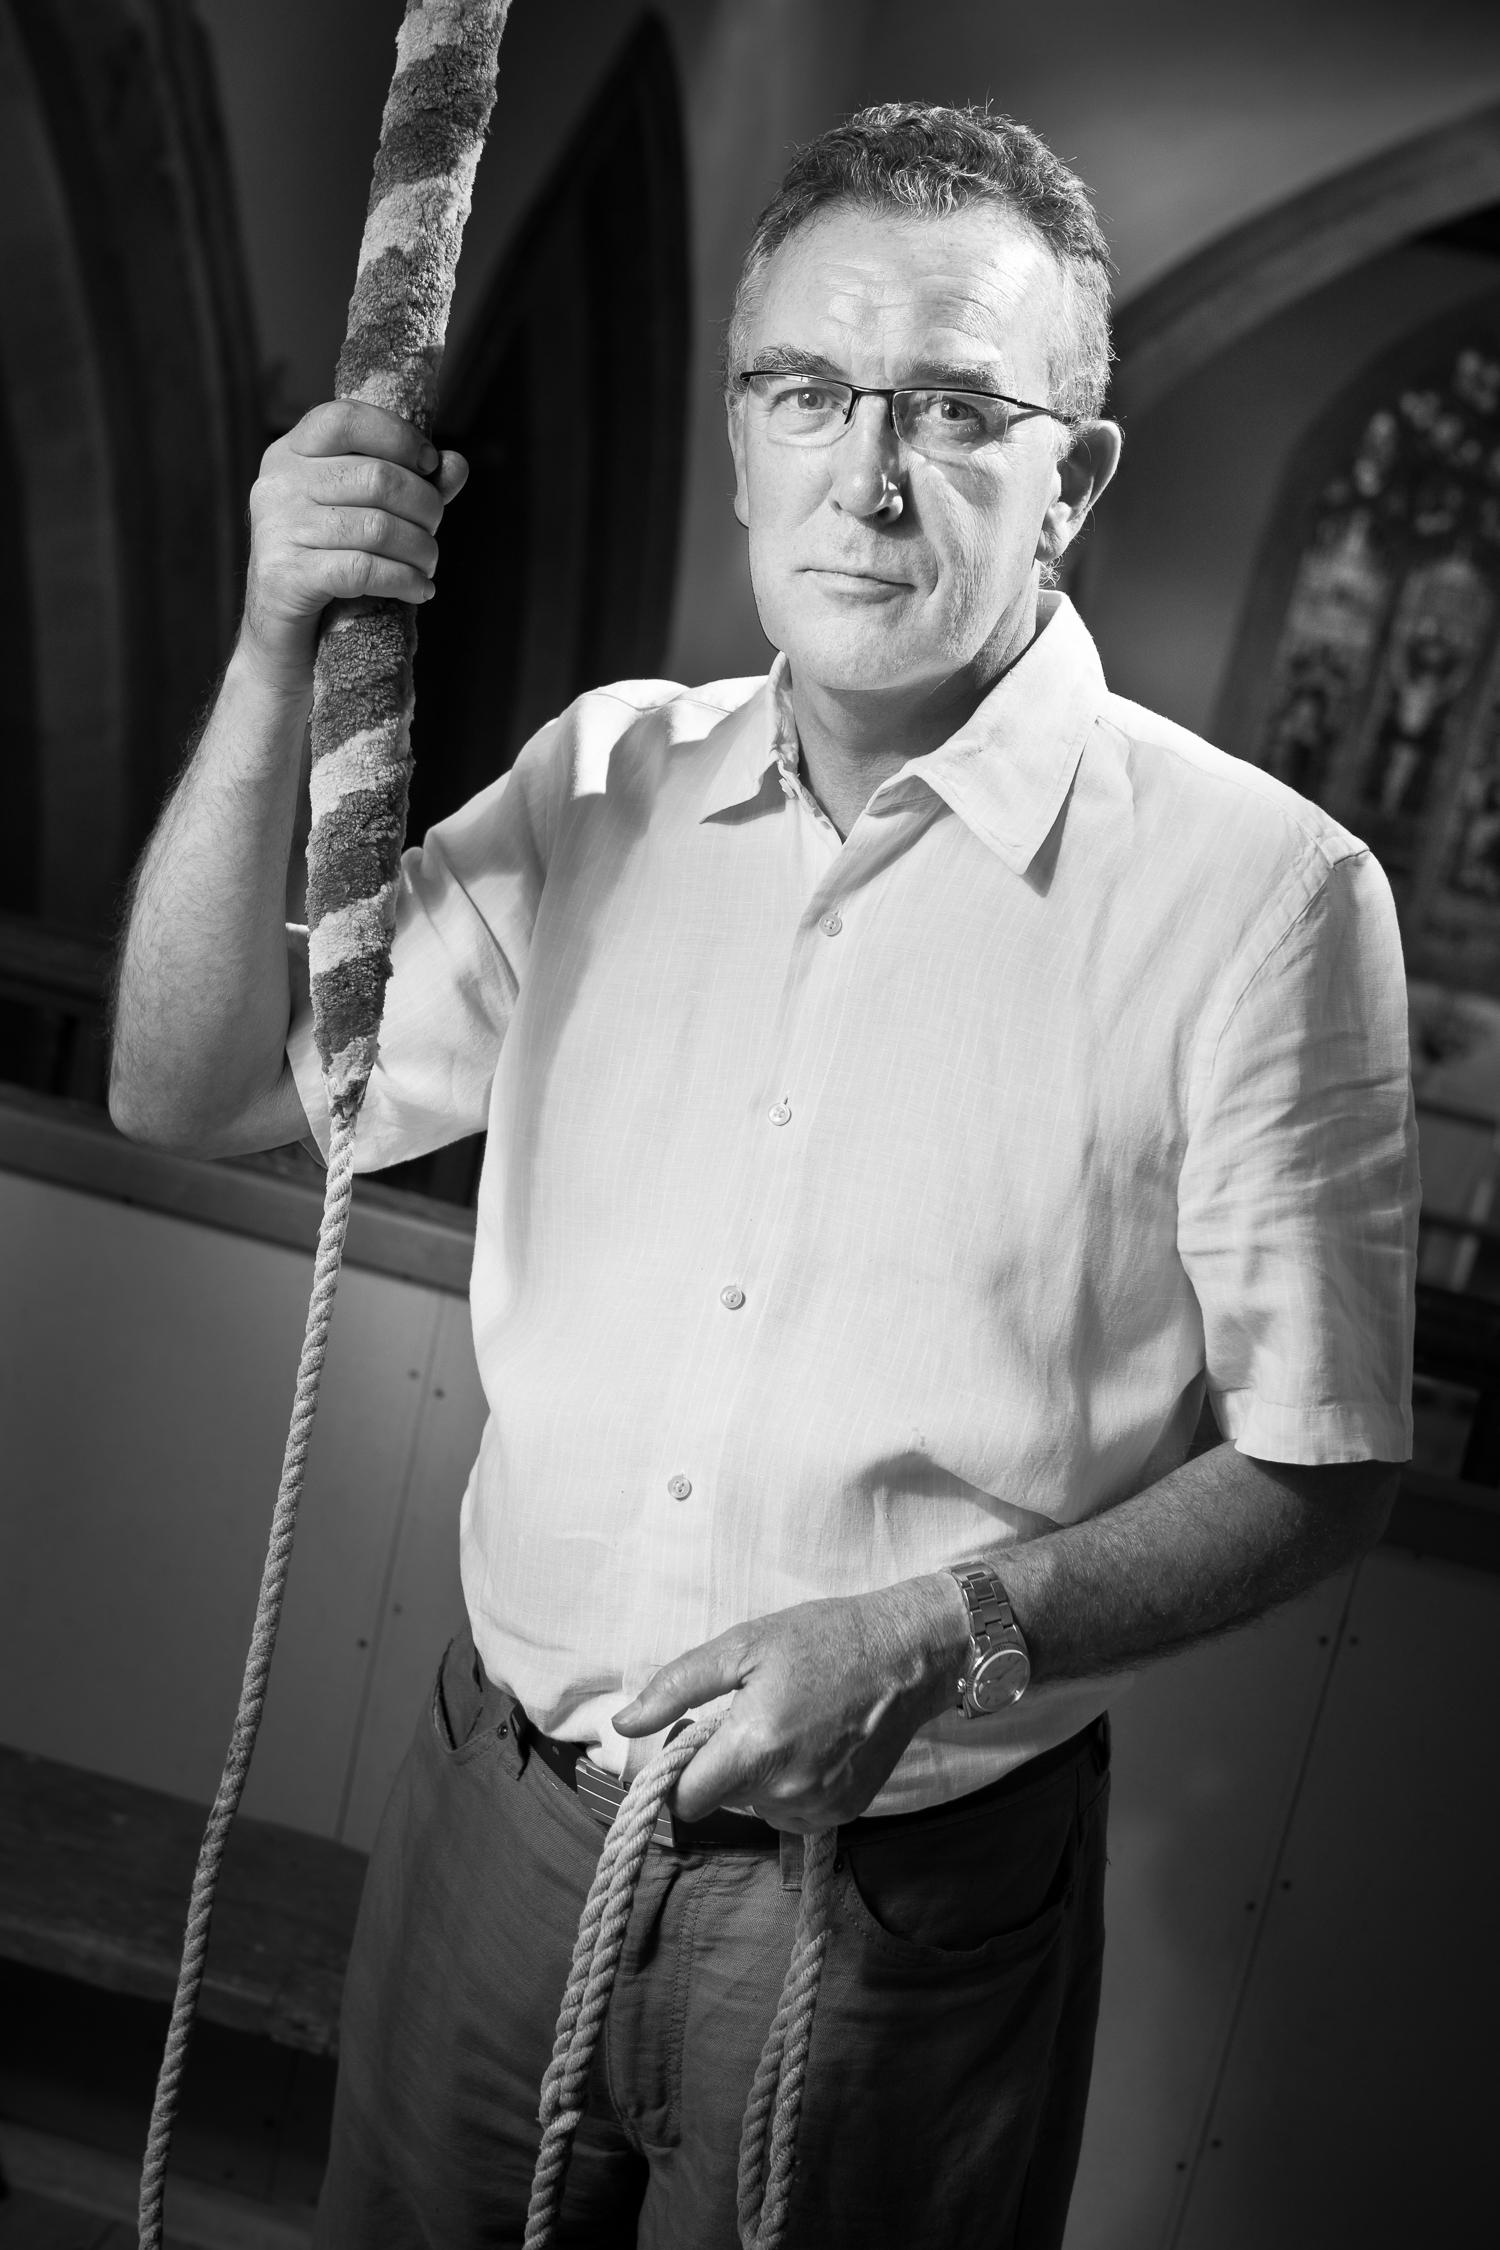 Church bell ringer Tony Smith